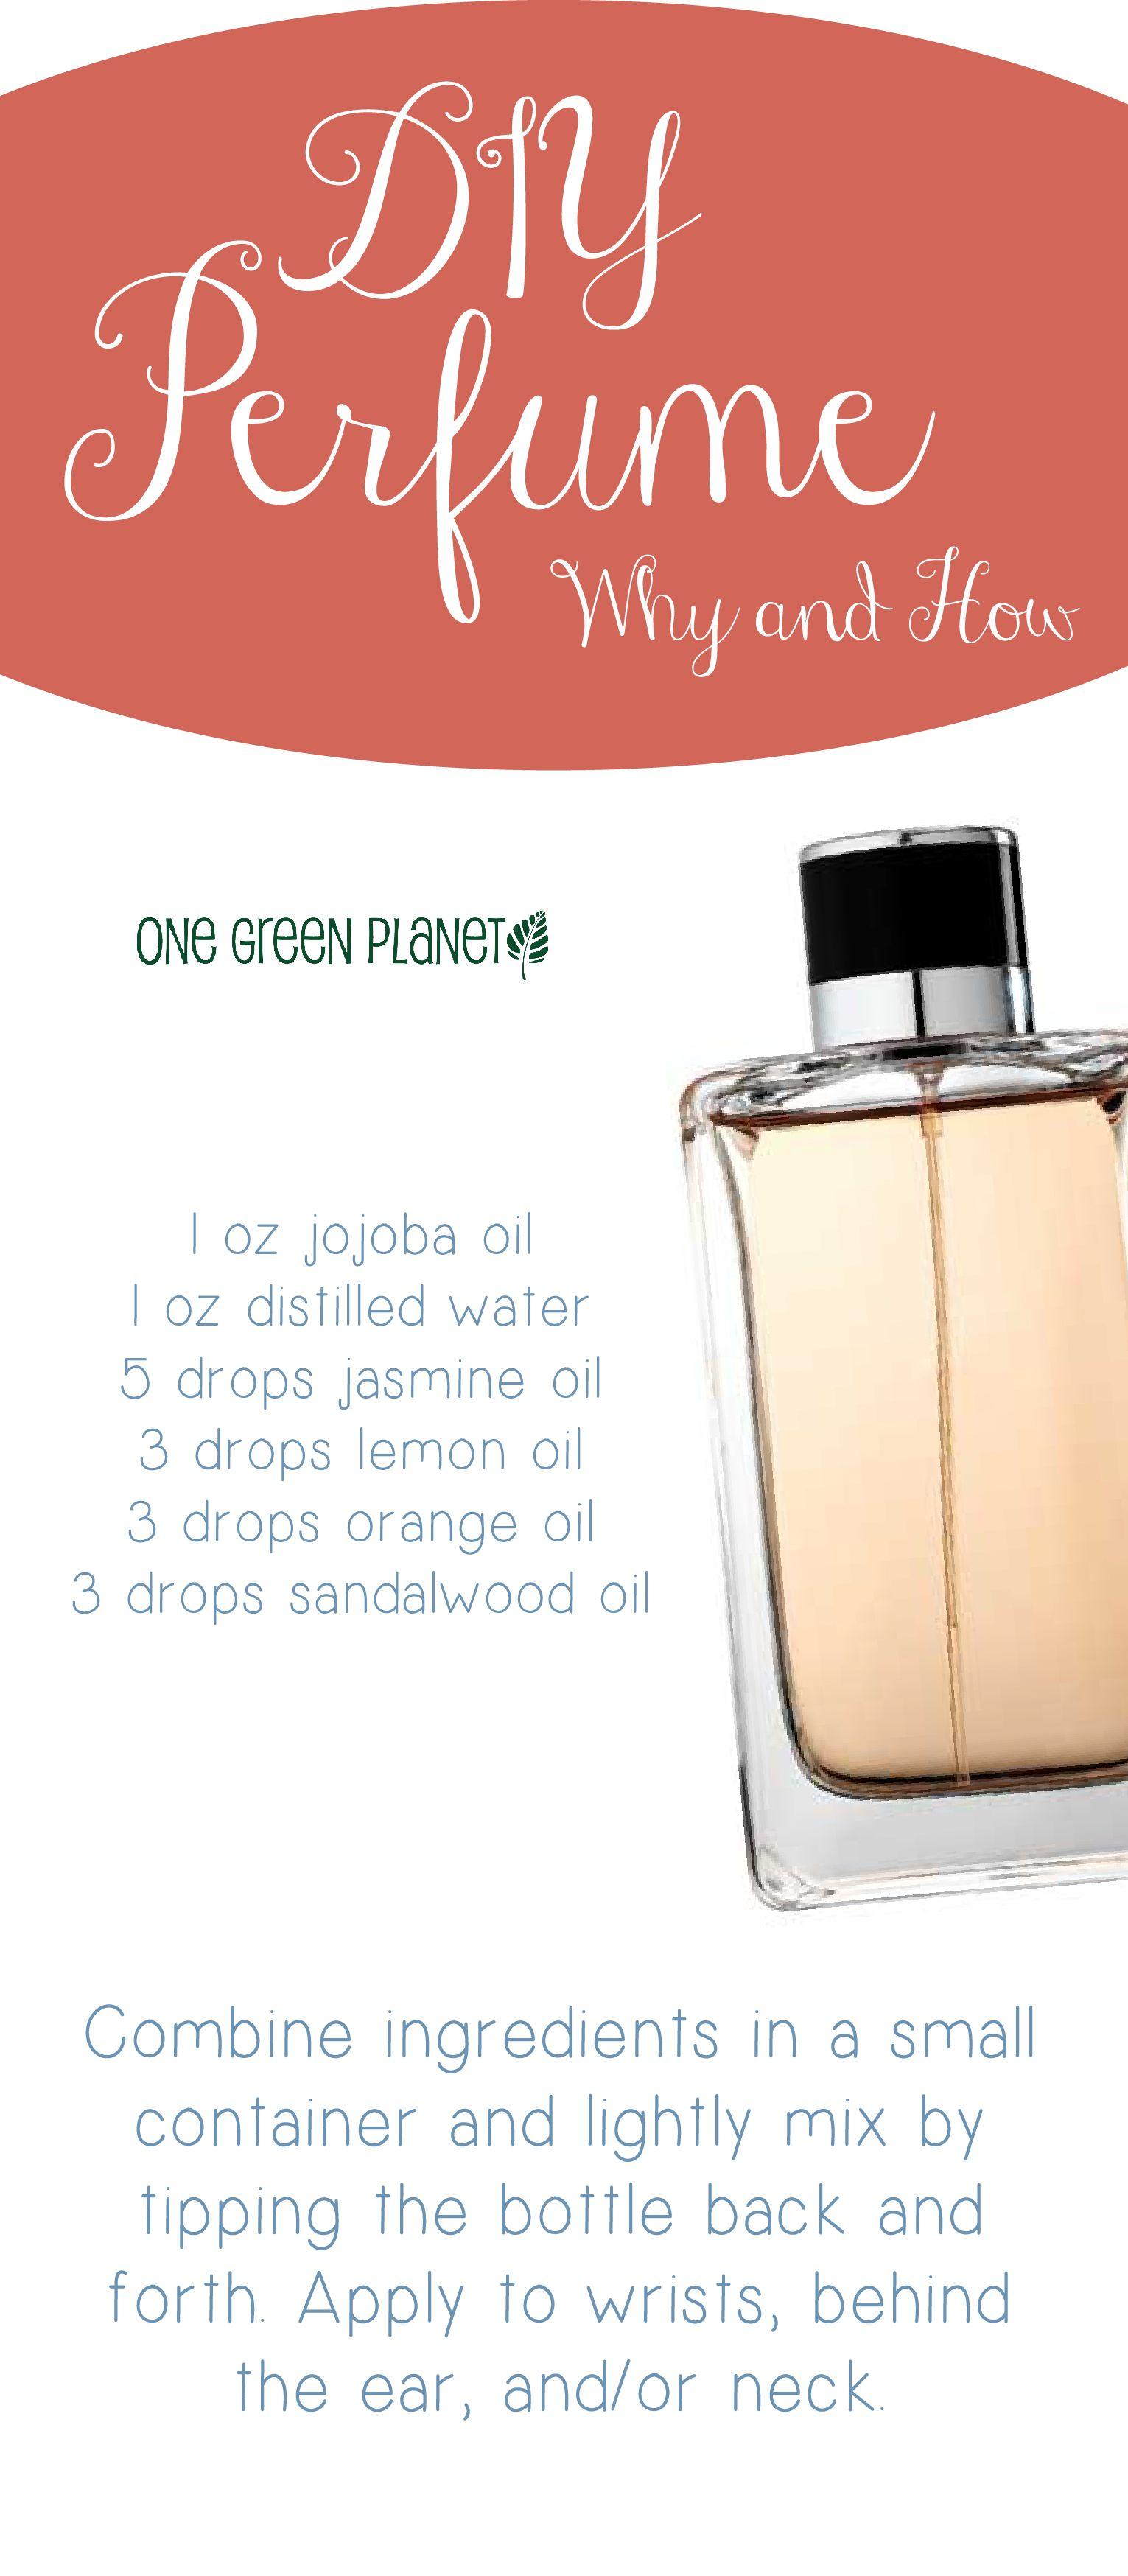 Diy Natural Perfumes How To Make Them And Why You Should Homemade Perfume Diy Natural Products Natural Perfume